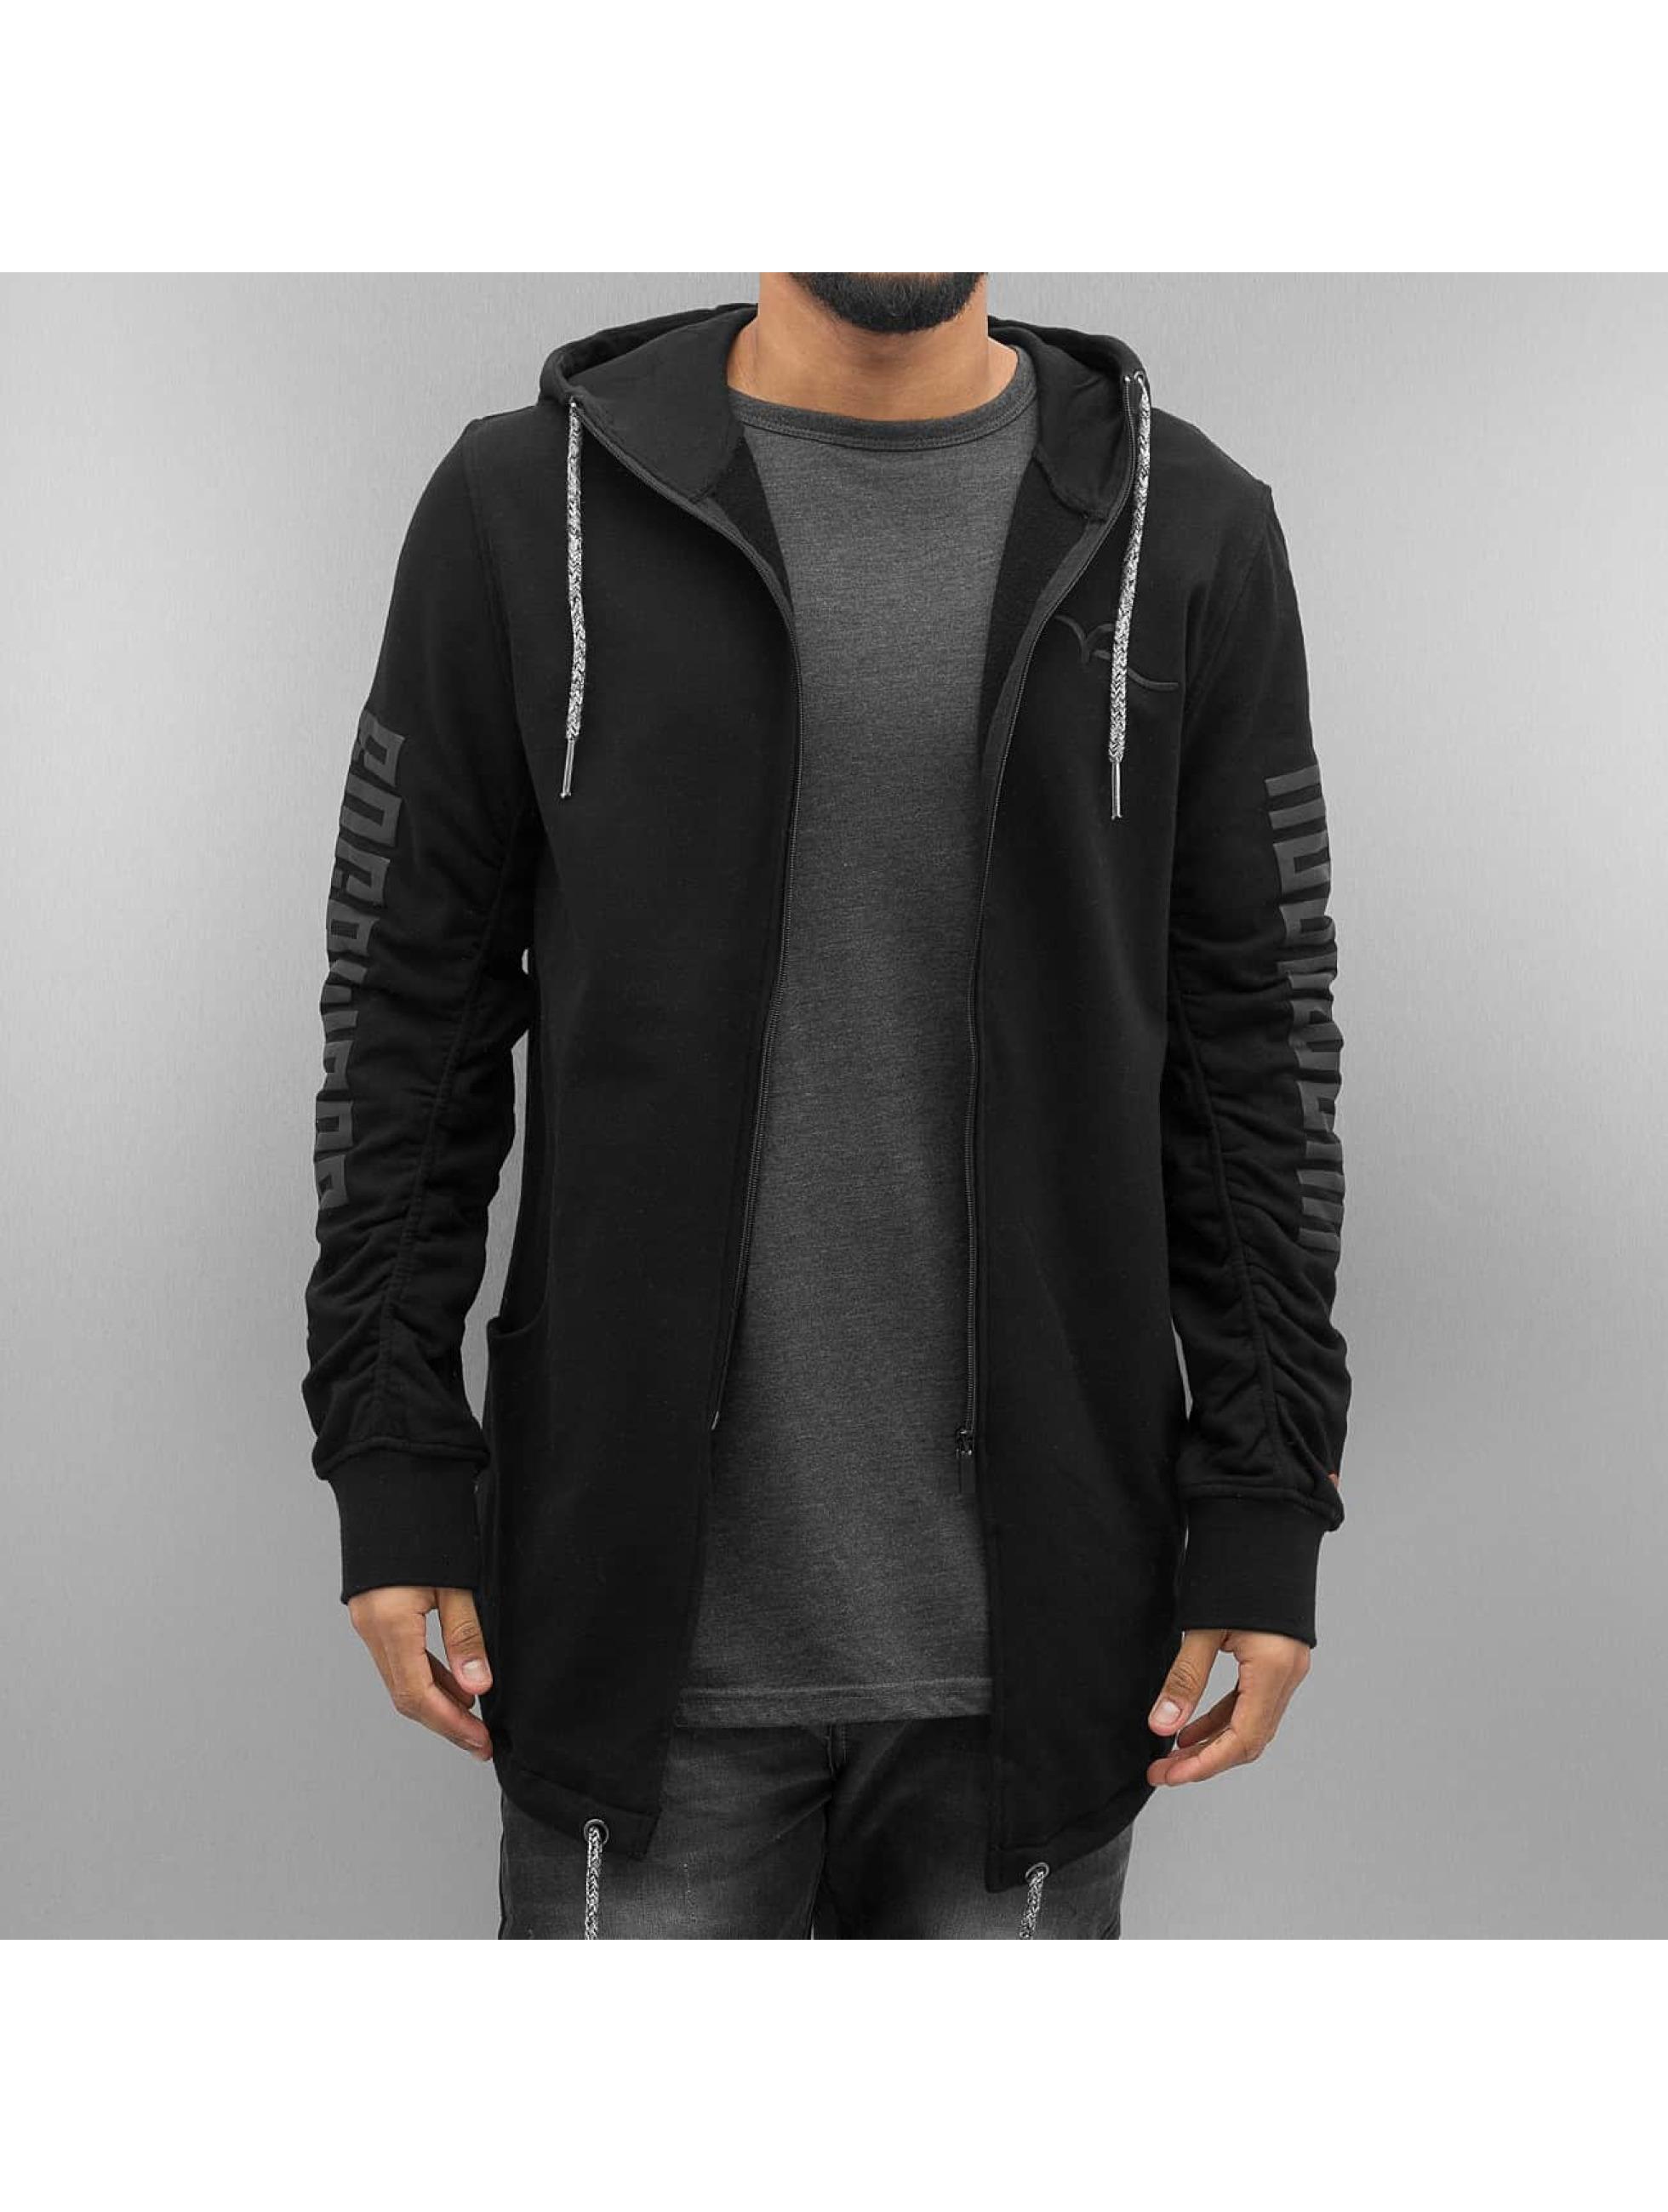 Rocawear / Zip Hoodie Zip Hoody in black M